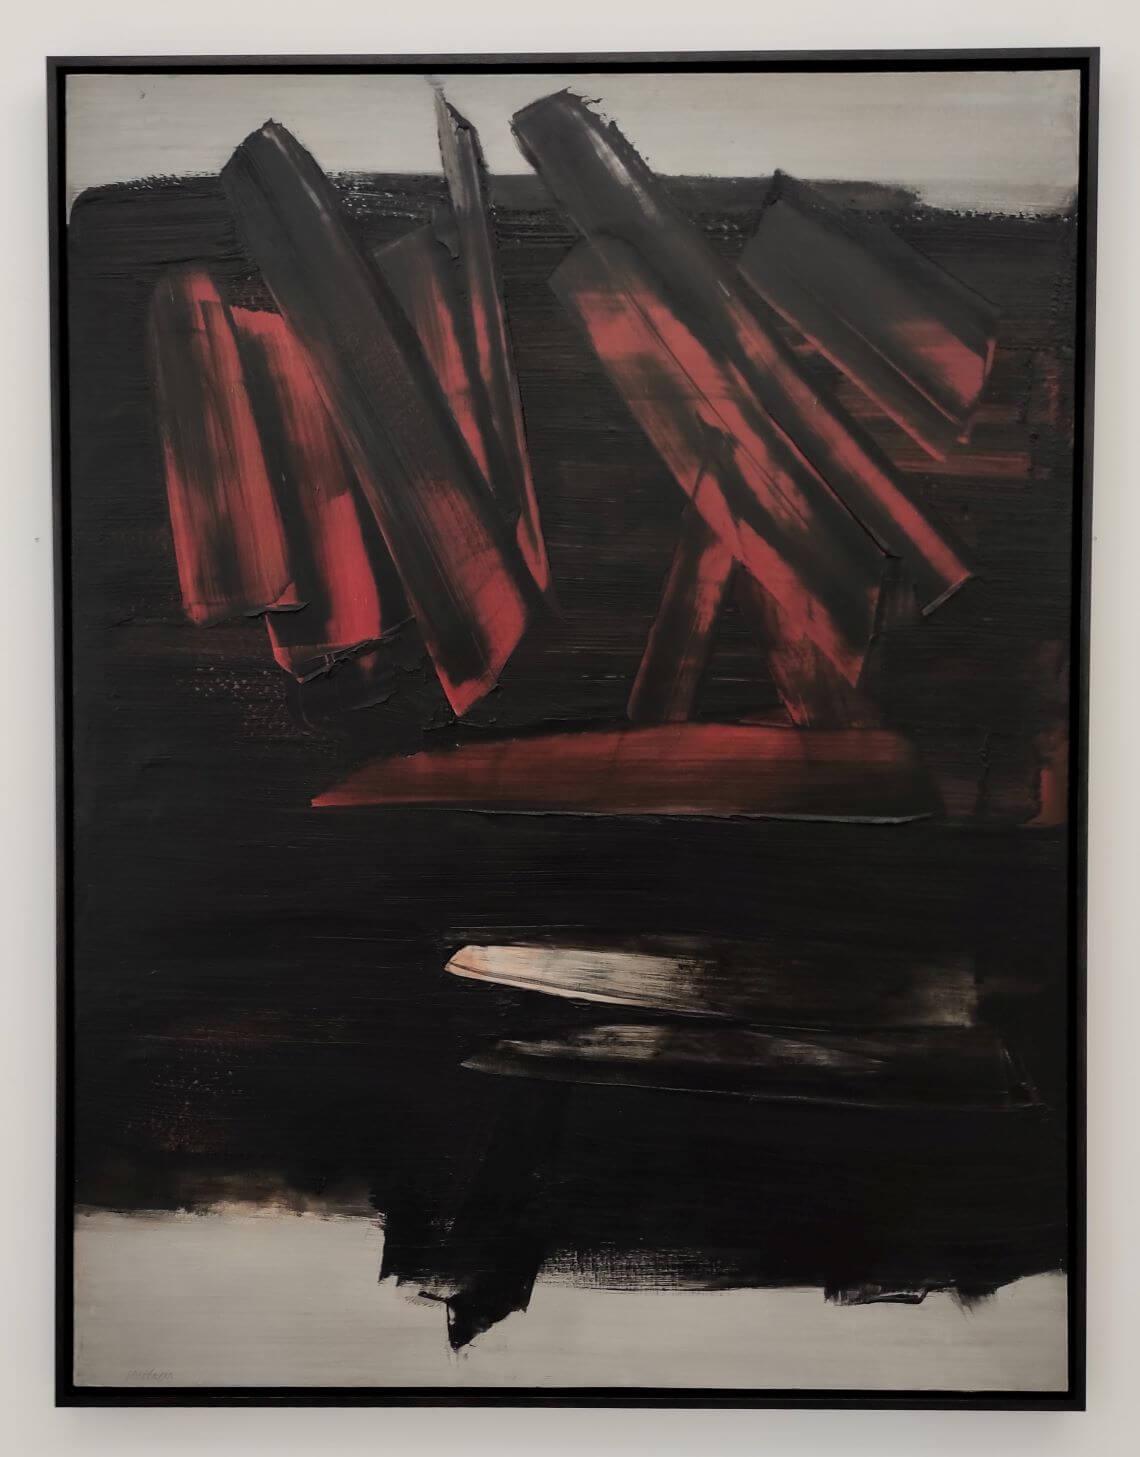 Soulages - peinture dépassant la somme record de 10 millions de dollars.